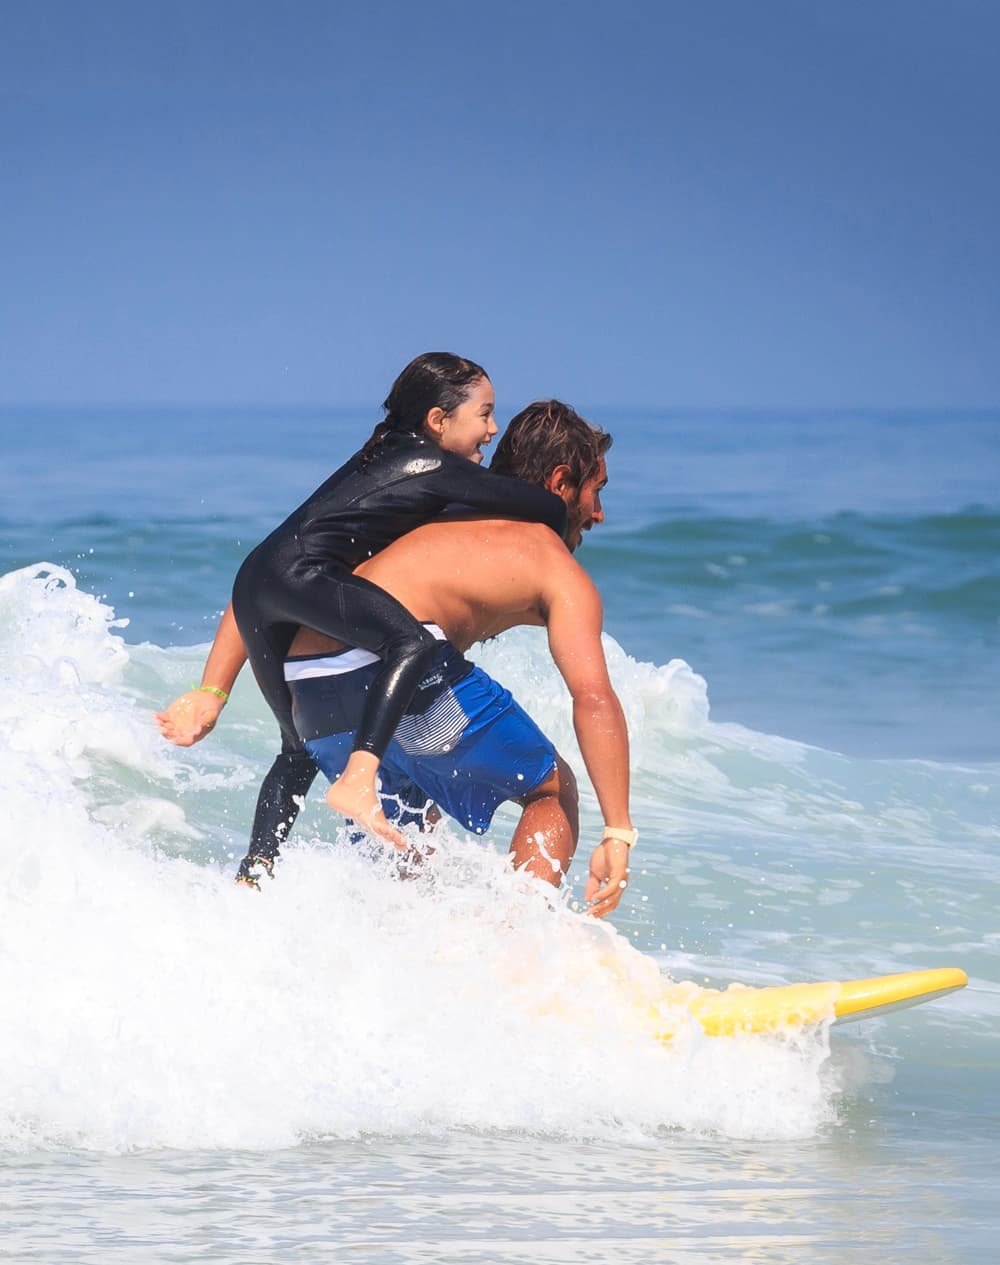 Jeune surfeuse sur les épaules de son moniteur de surf à Lacanau